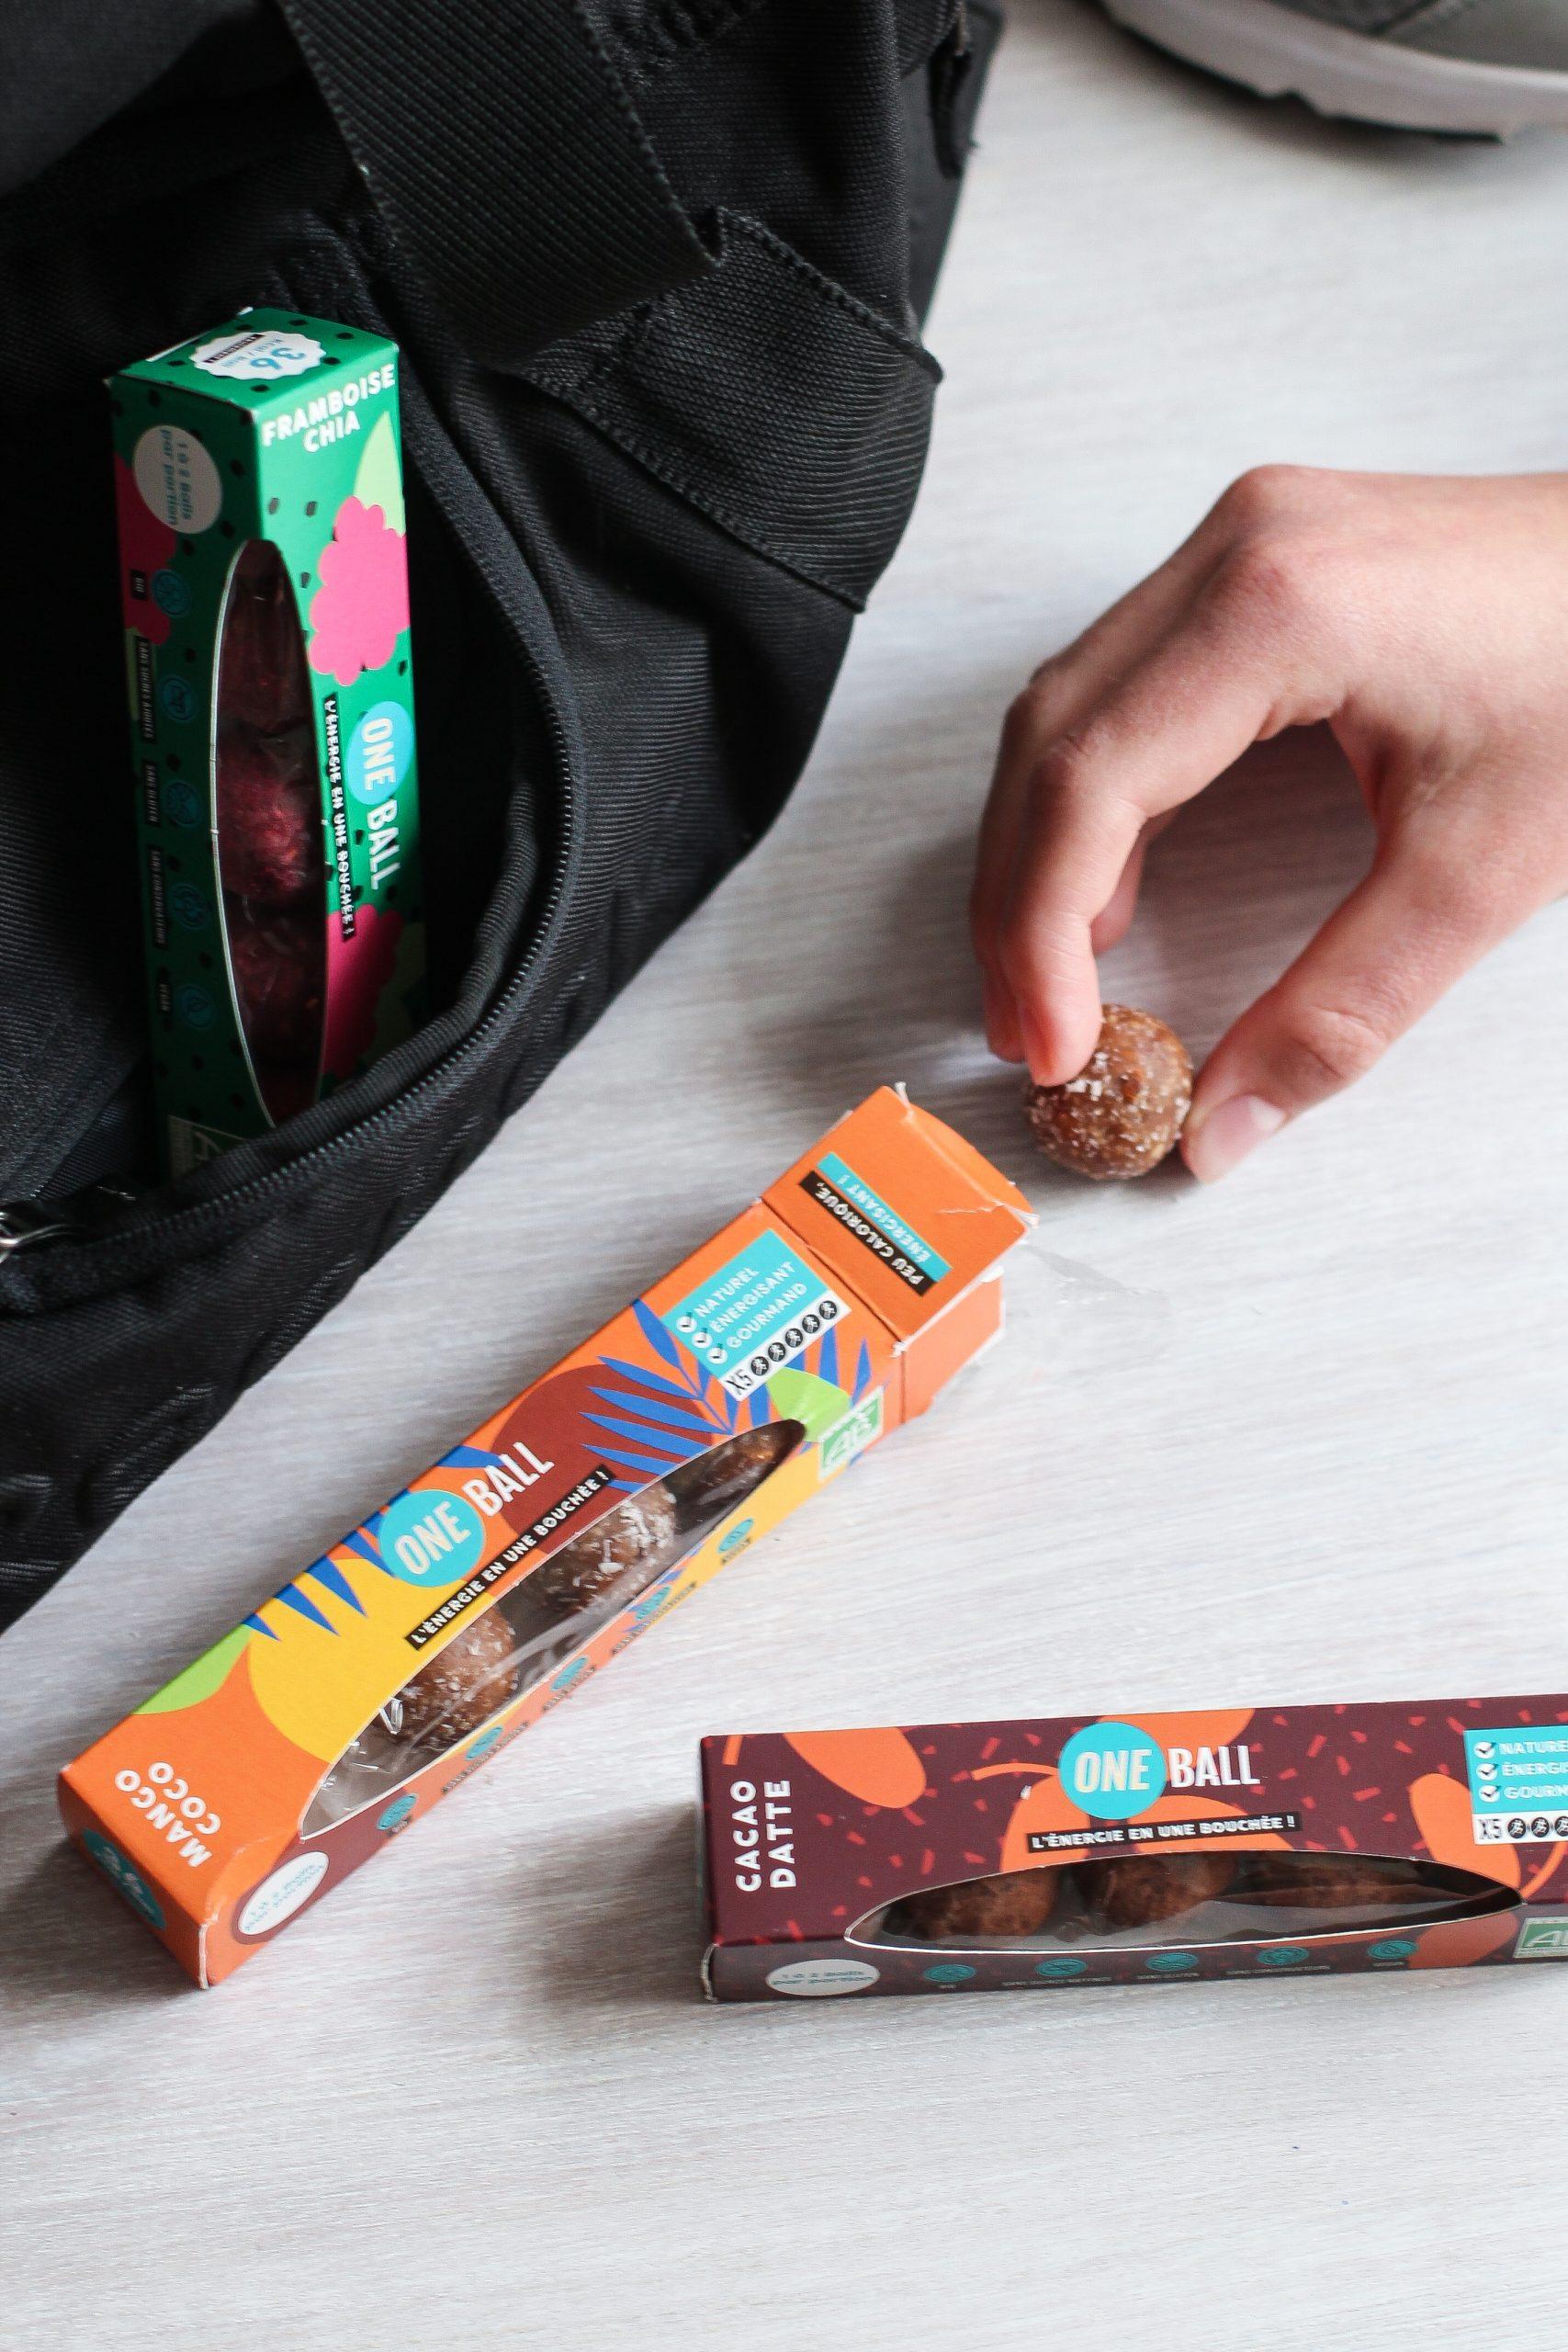 Zdjęcie 07.05.2020 16 32 02 scaled - One Ball, le snack parfait pour de l'énergie, du naturel et du goût !